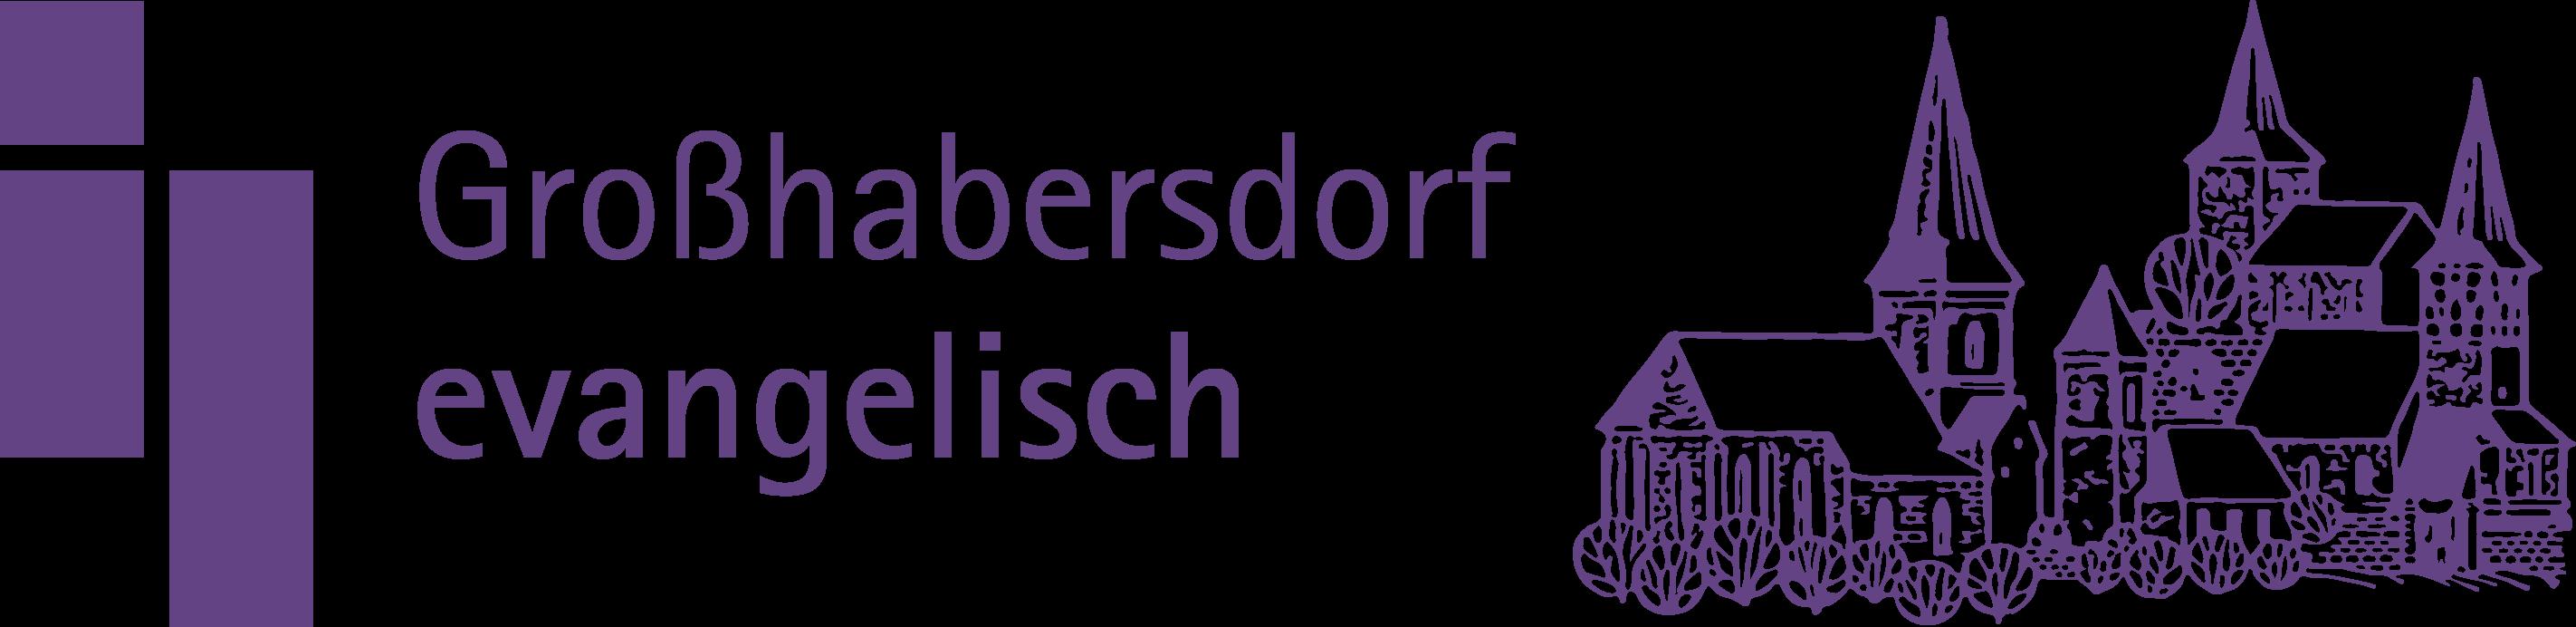 Großhabersdorf evangelisch